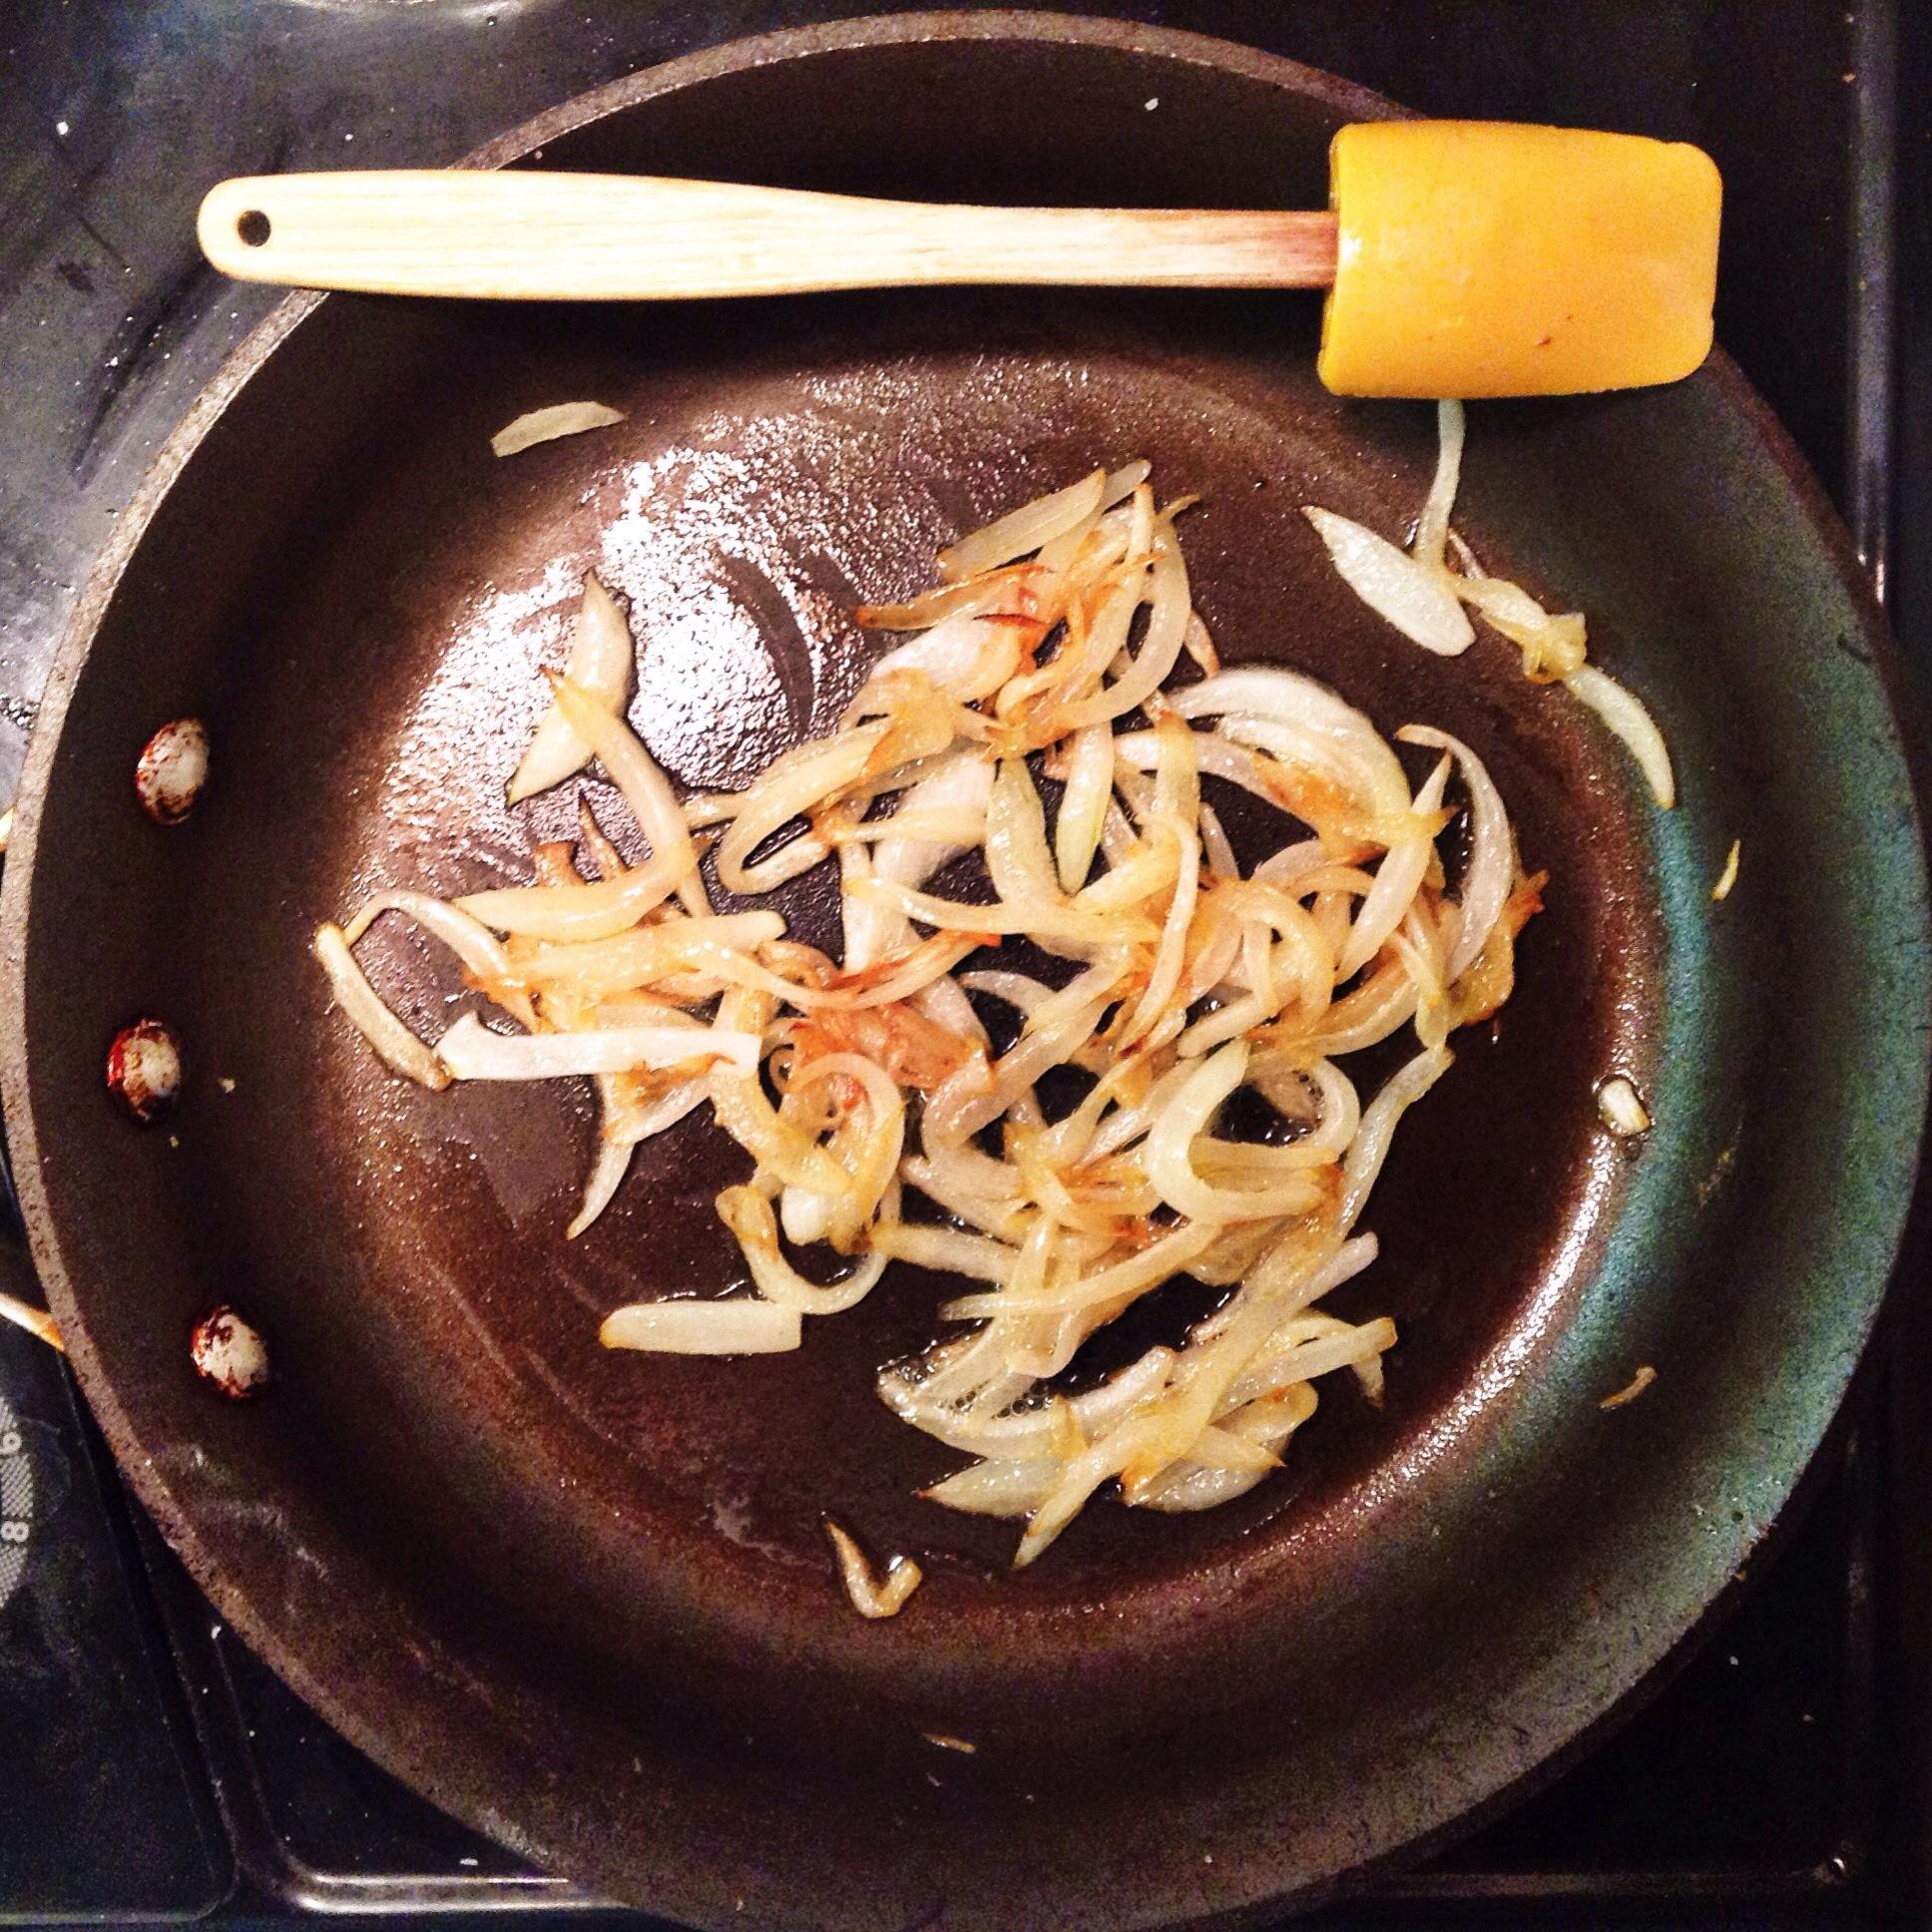 caramelizing onion slices